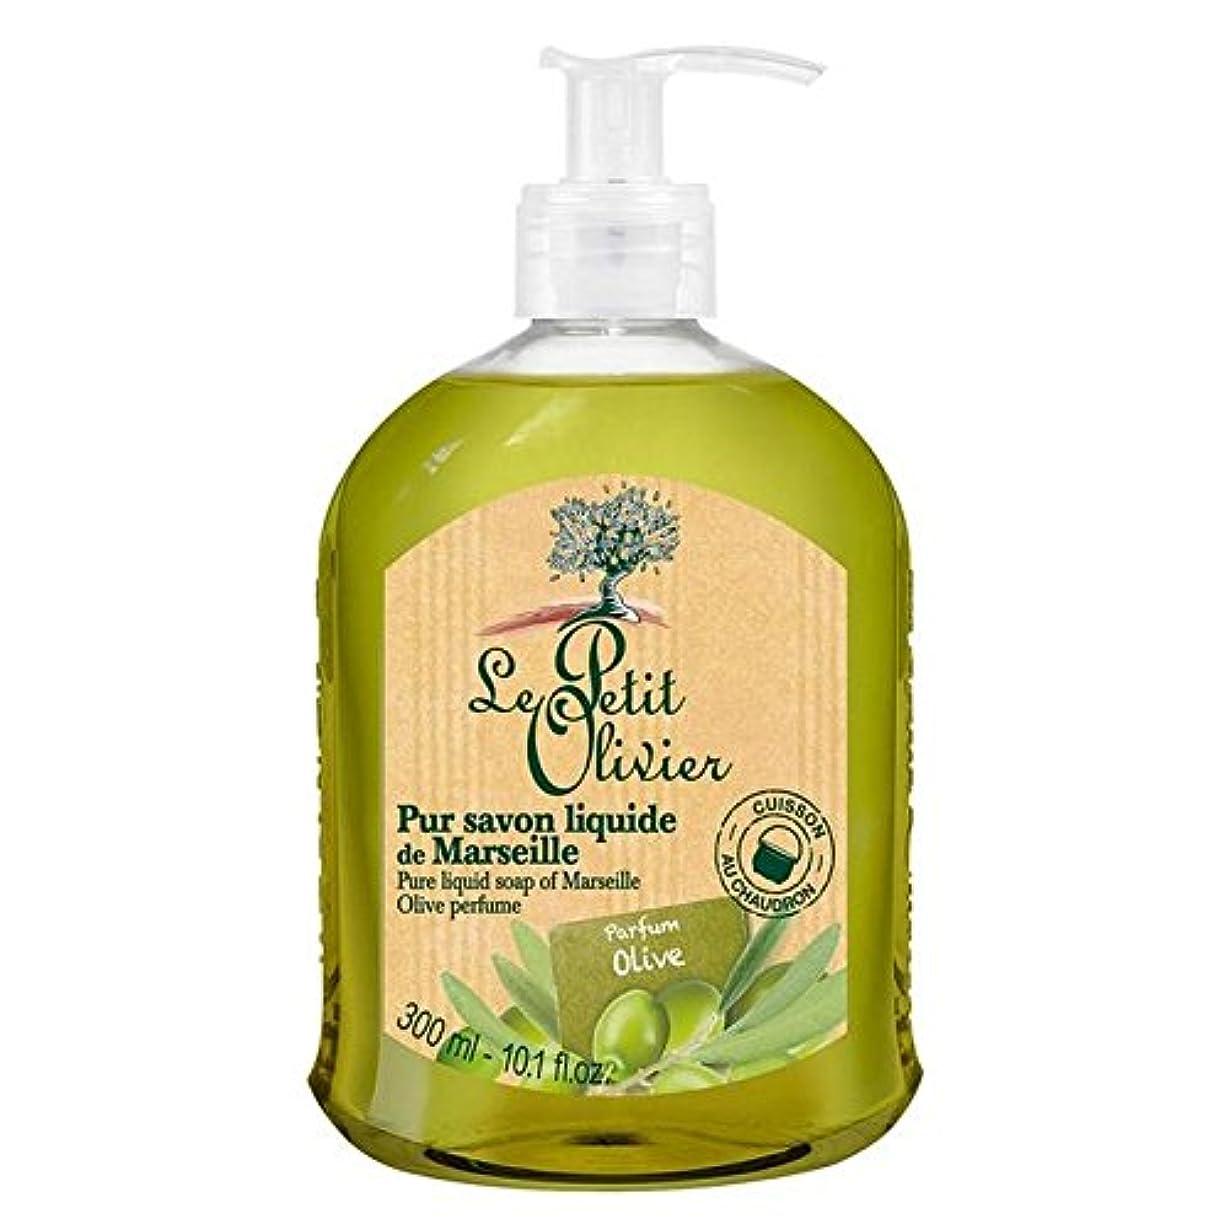 リフレッシュところでほんのマルセイユのル?プティ?オリヴィエ純粋な液体石鹸、オリーブオイル300ミリリットル x2 - Le Petit Olivier Pure Liquid Soap of Marseille, Olive Oil 300ml...